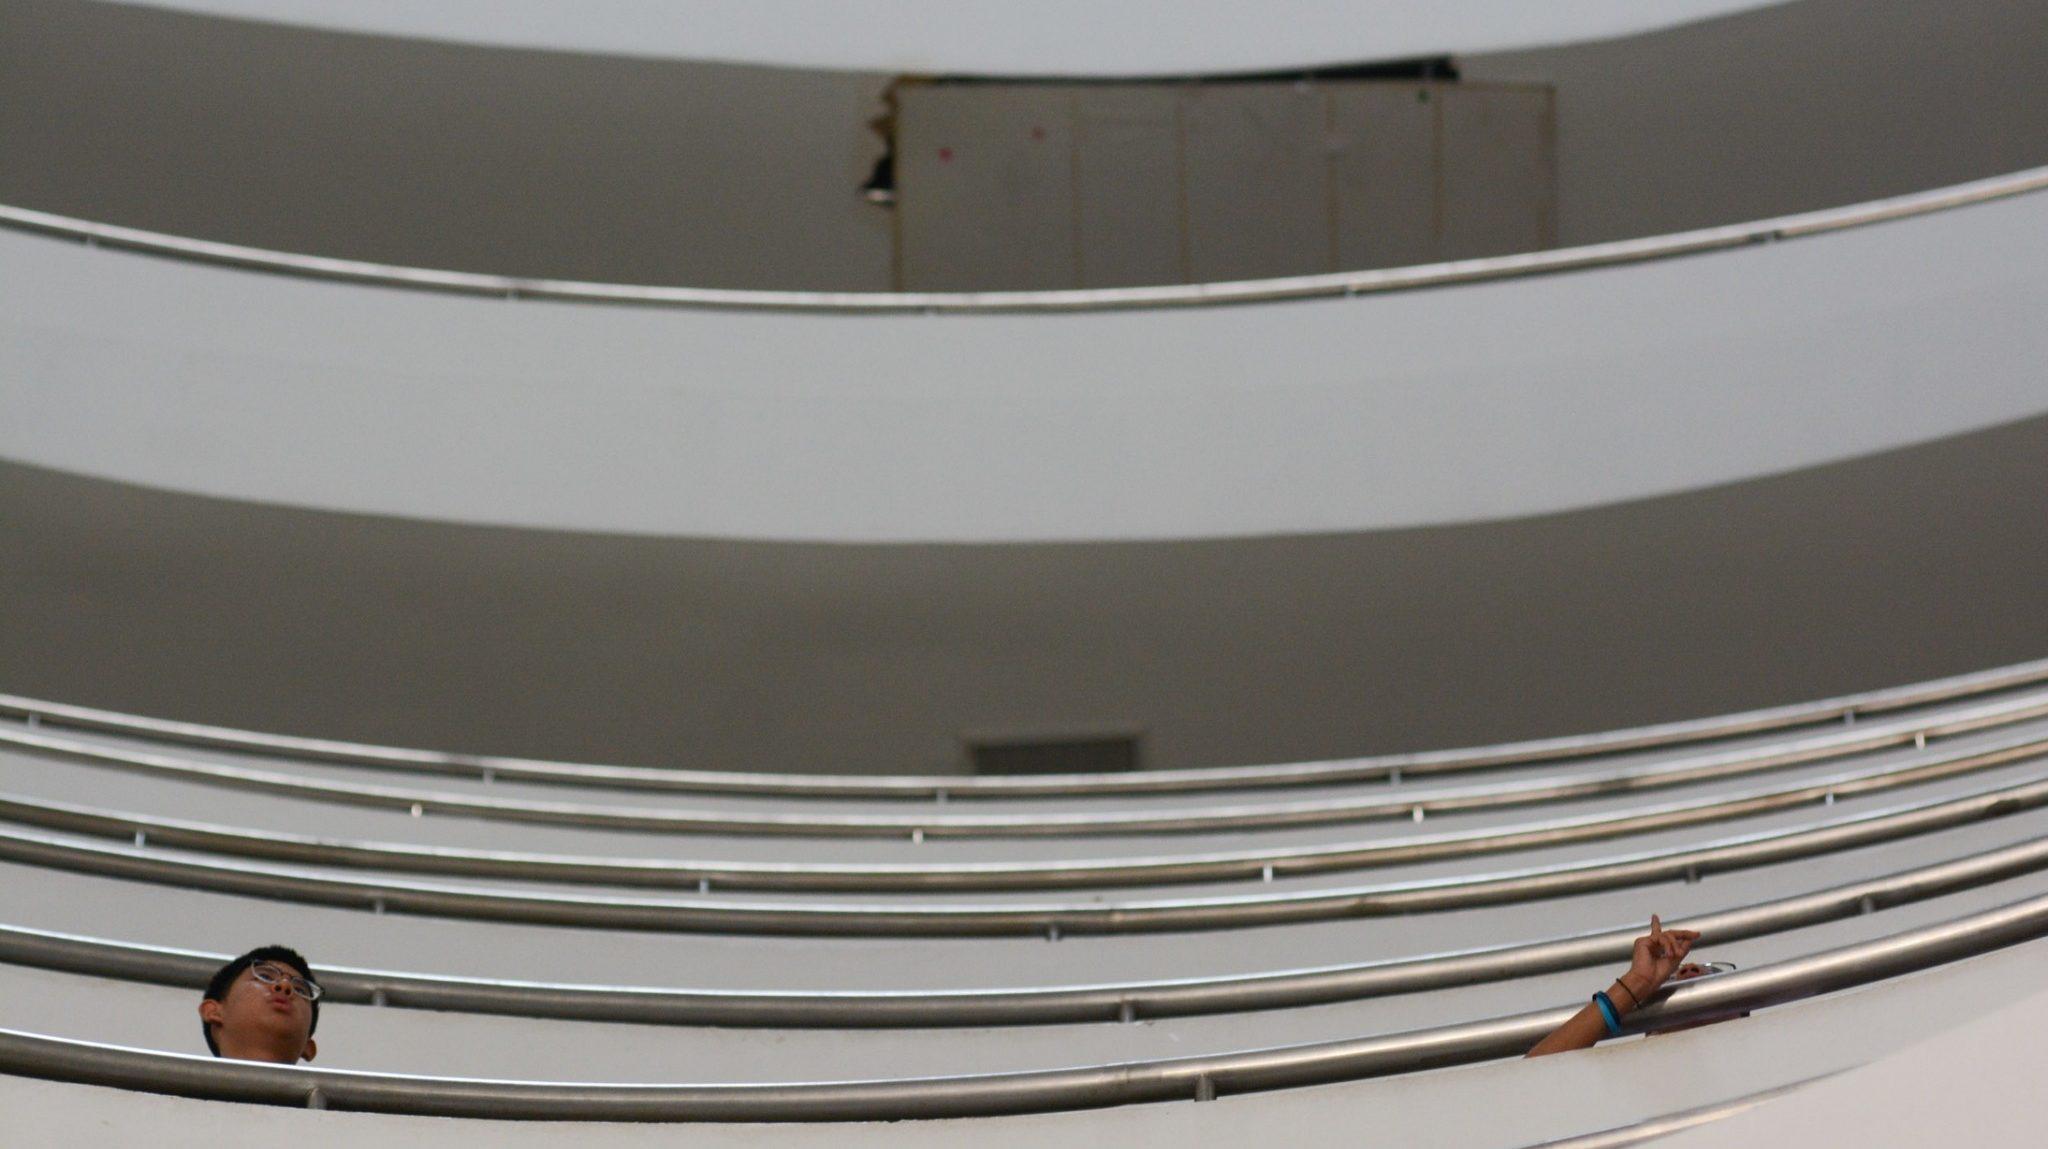 ฝ้าเพดานถล่ม โรงเรียนโยธินบูรณะ